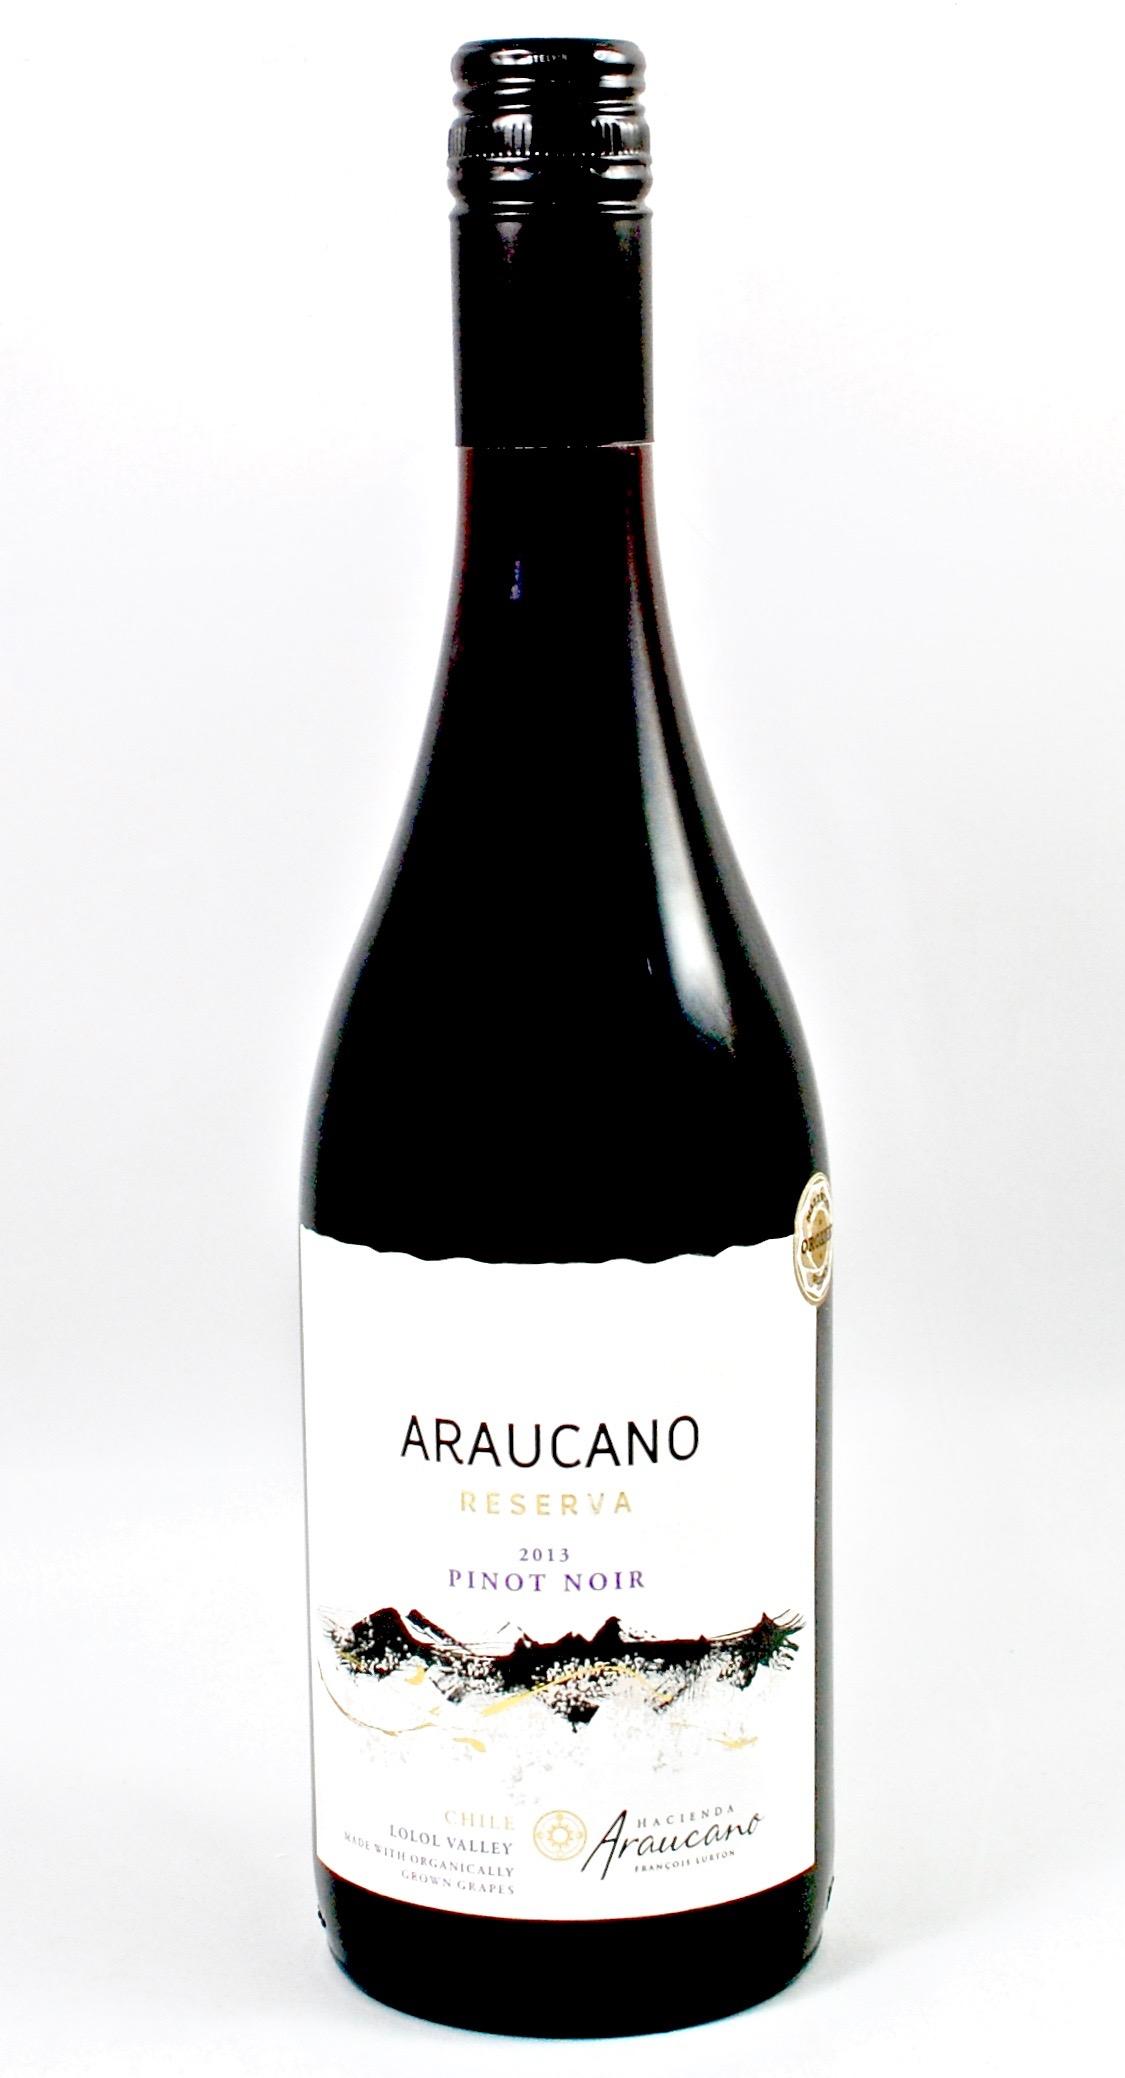 Hacienda Araucano Pinot Noir 2013